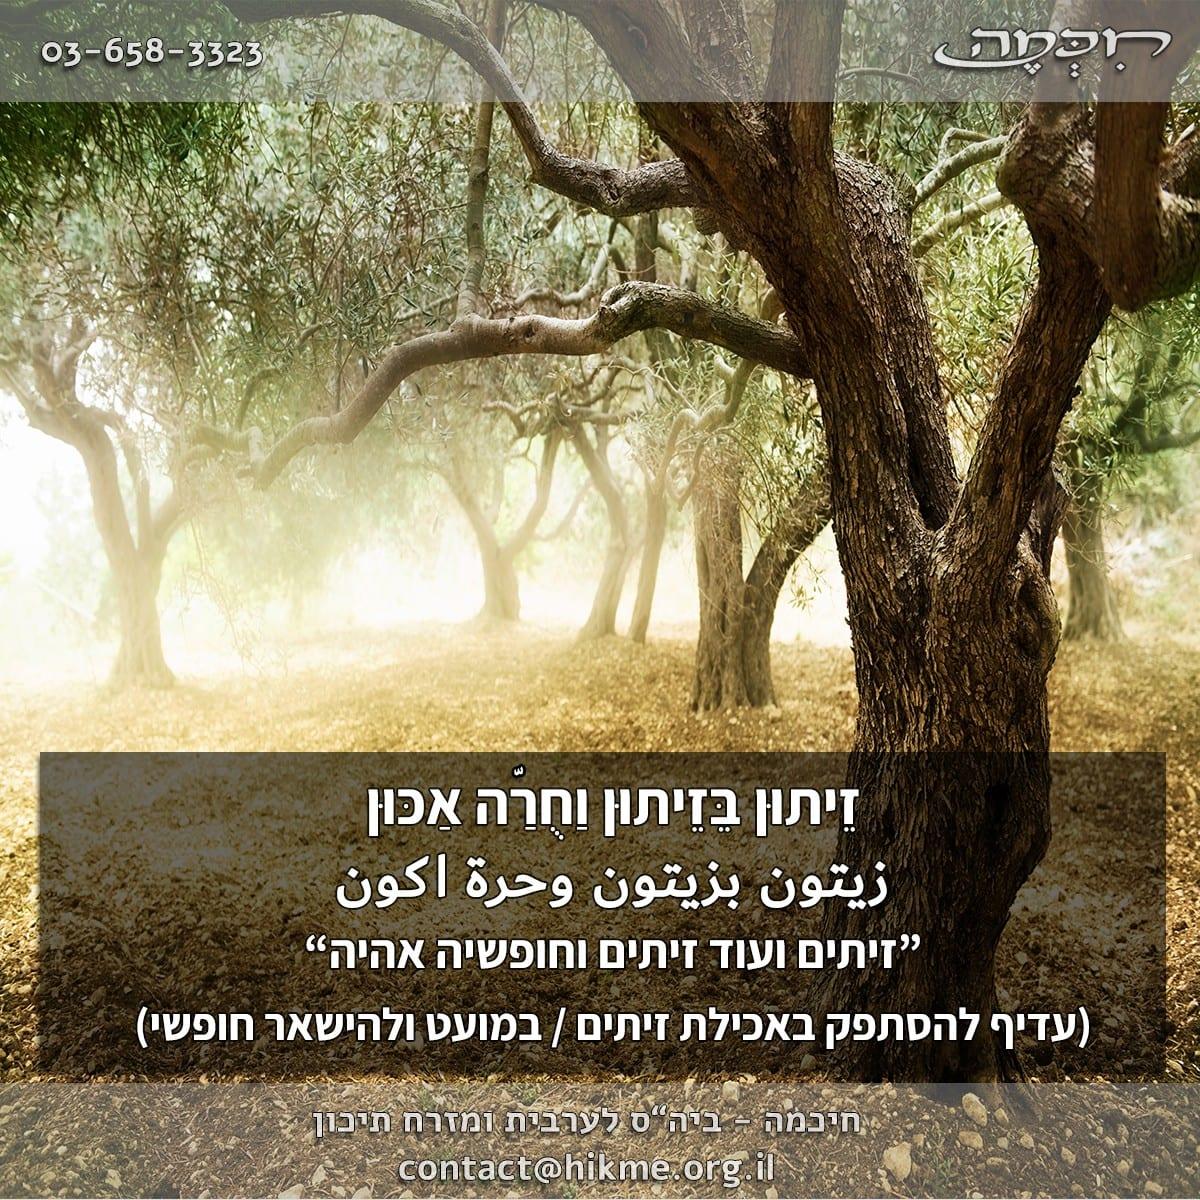 פתגמים בערבית על ההסתפקות במועט